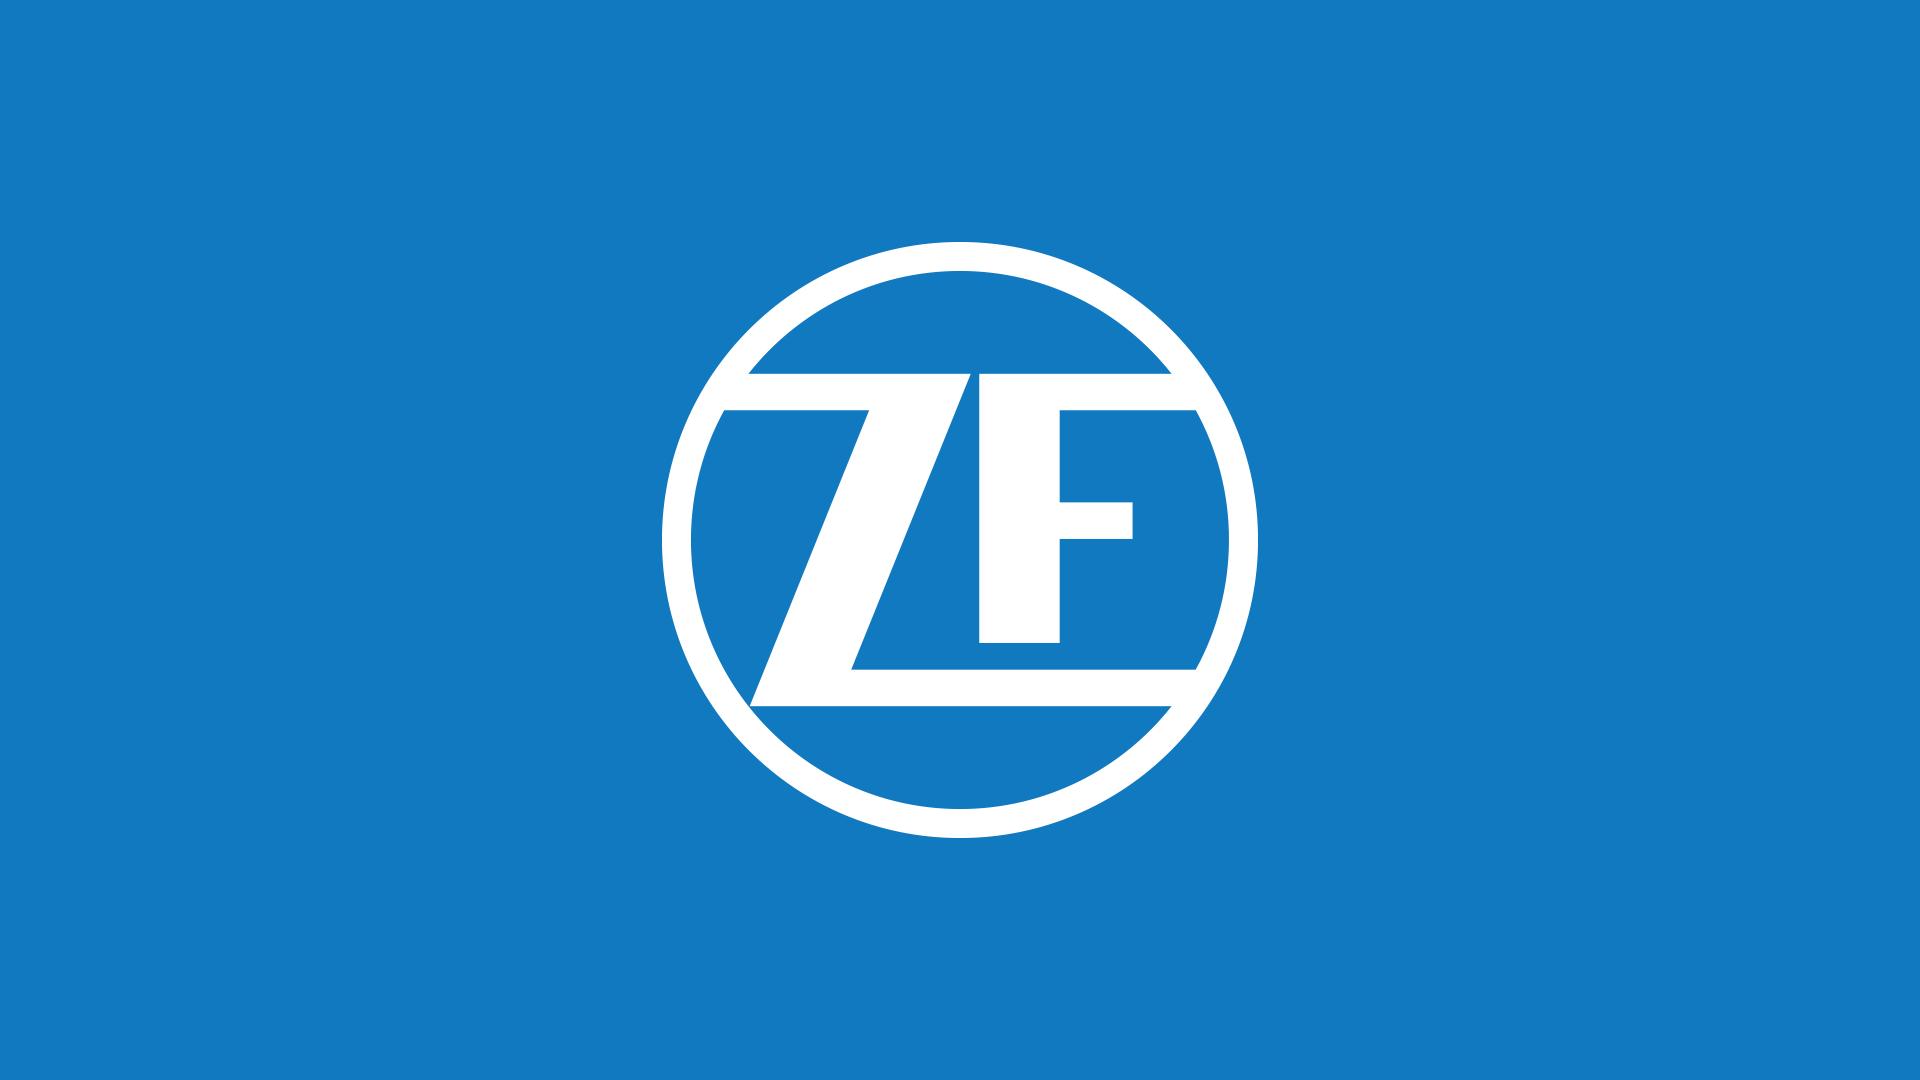 ZF-bg